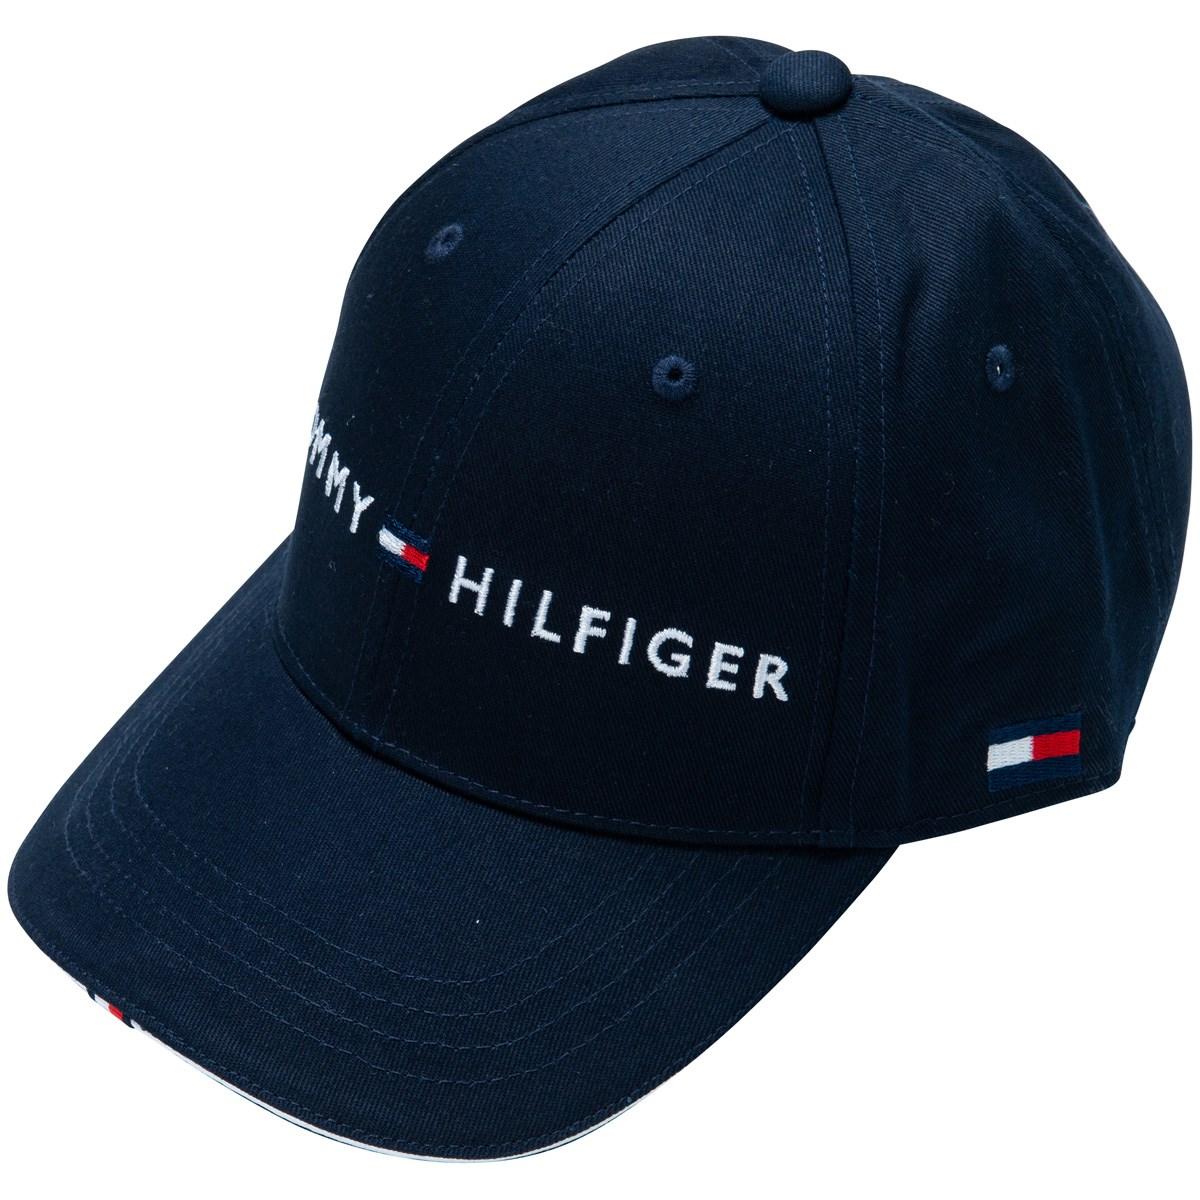 トミー ヒルフィガー ゴルフ TOMMY HILFIGER GOLF TH LOGO キャップ フリー ネイビー 30